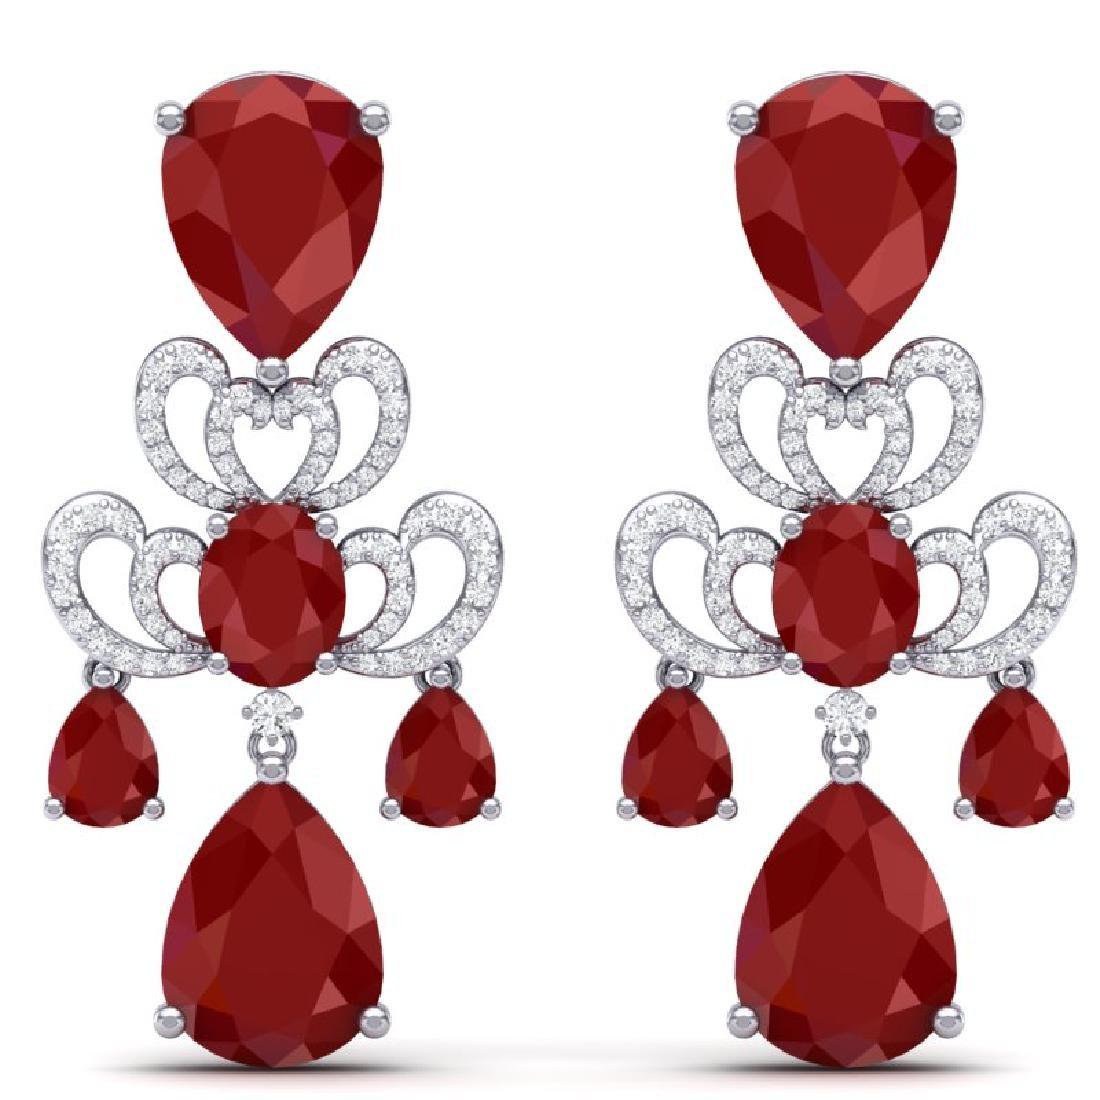 58.73 CTW Royalty Designer Ruby & VS Diamond Earrings